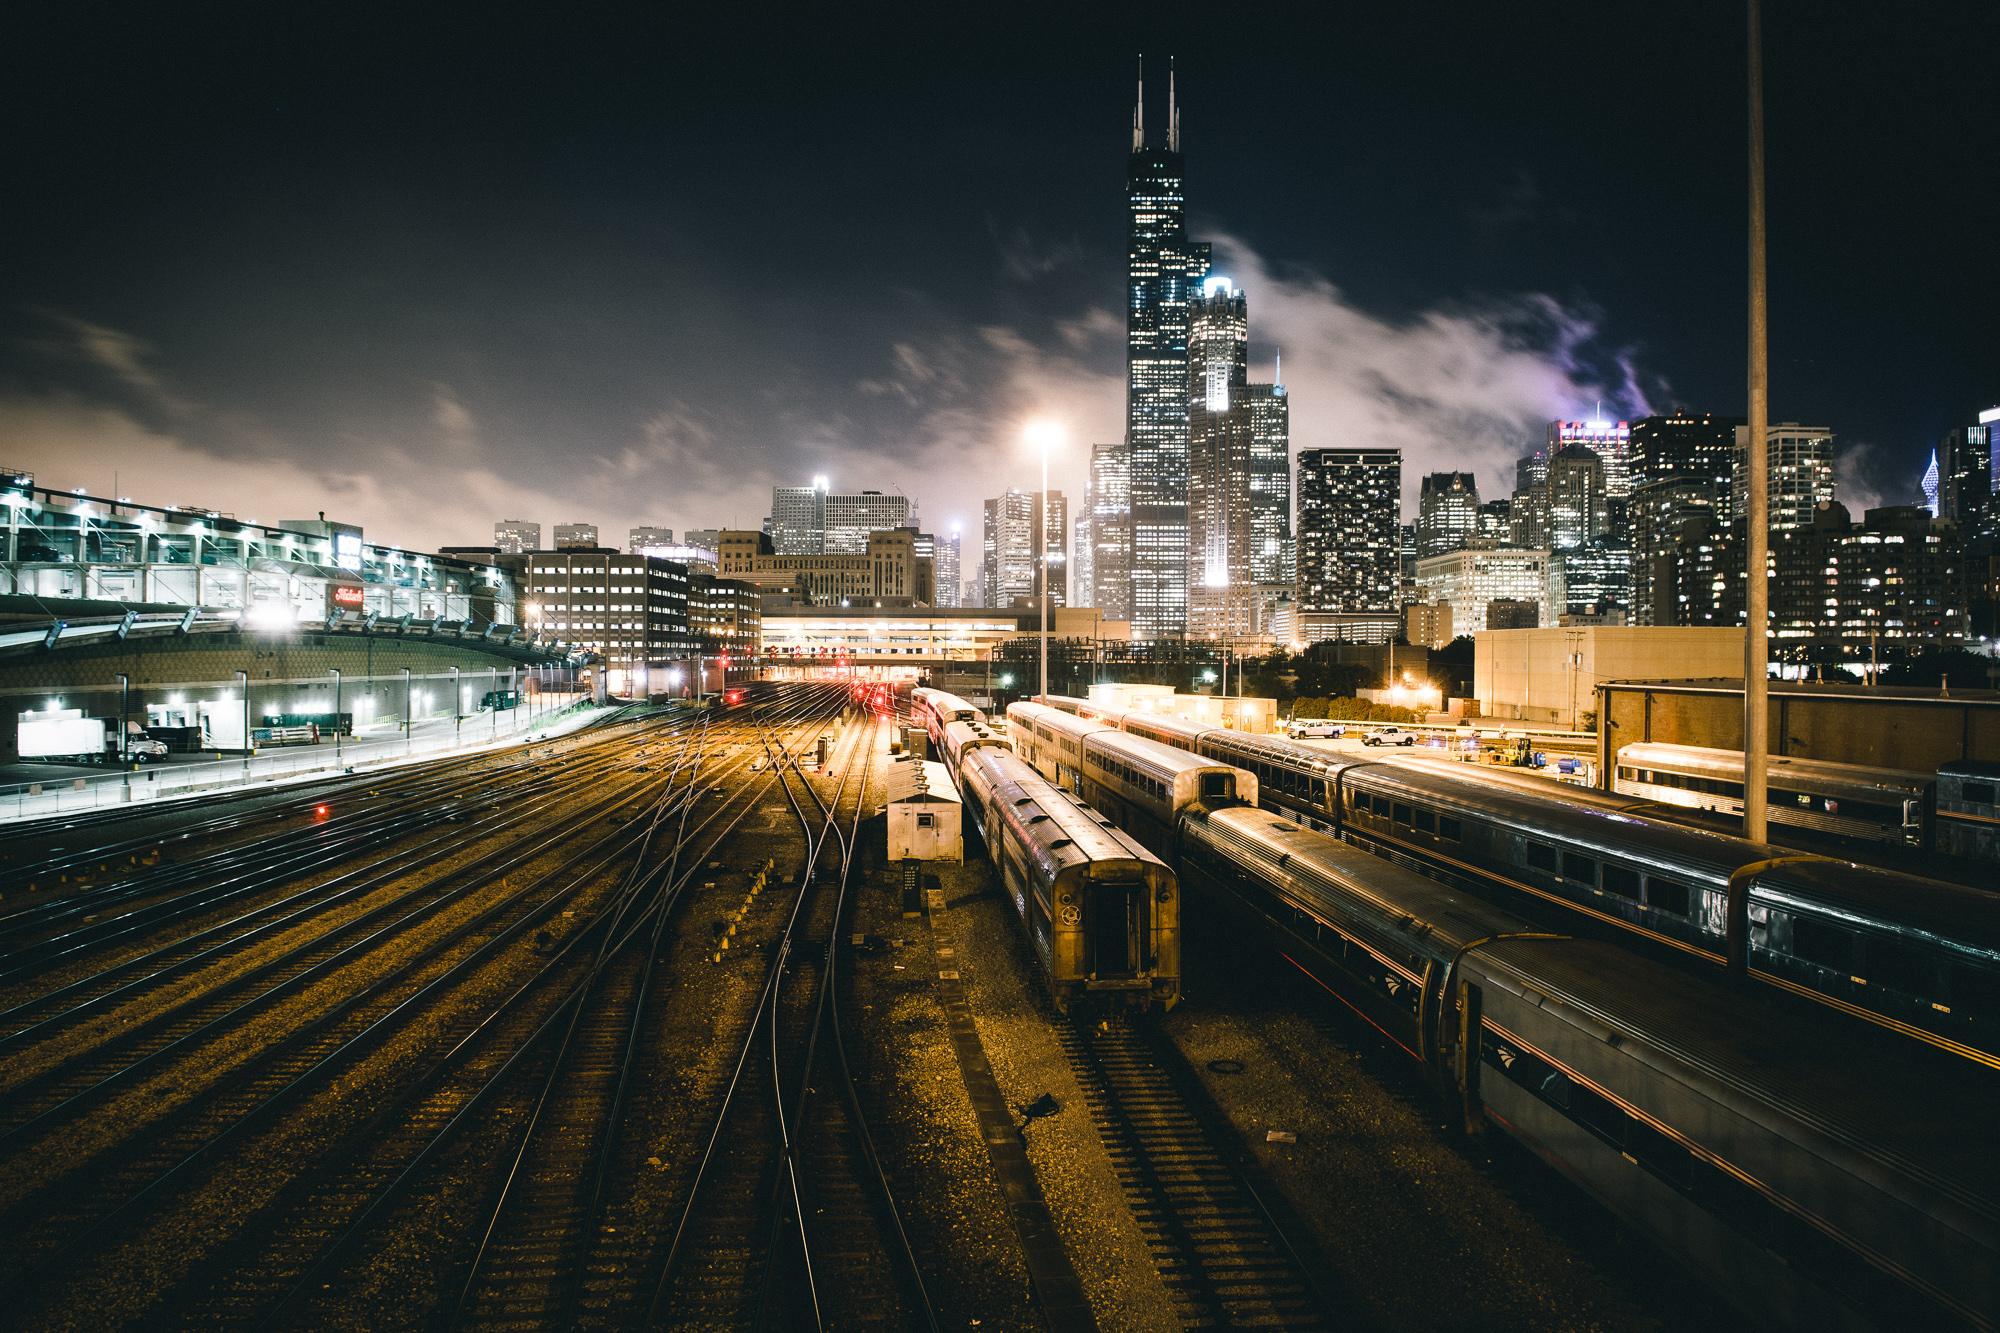 chicago-roosevelt-road